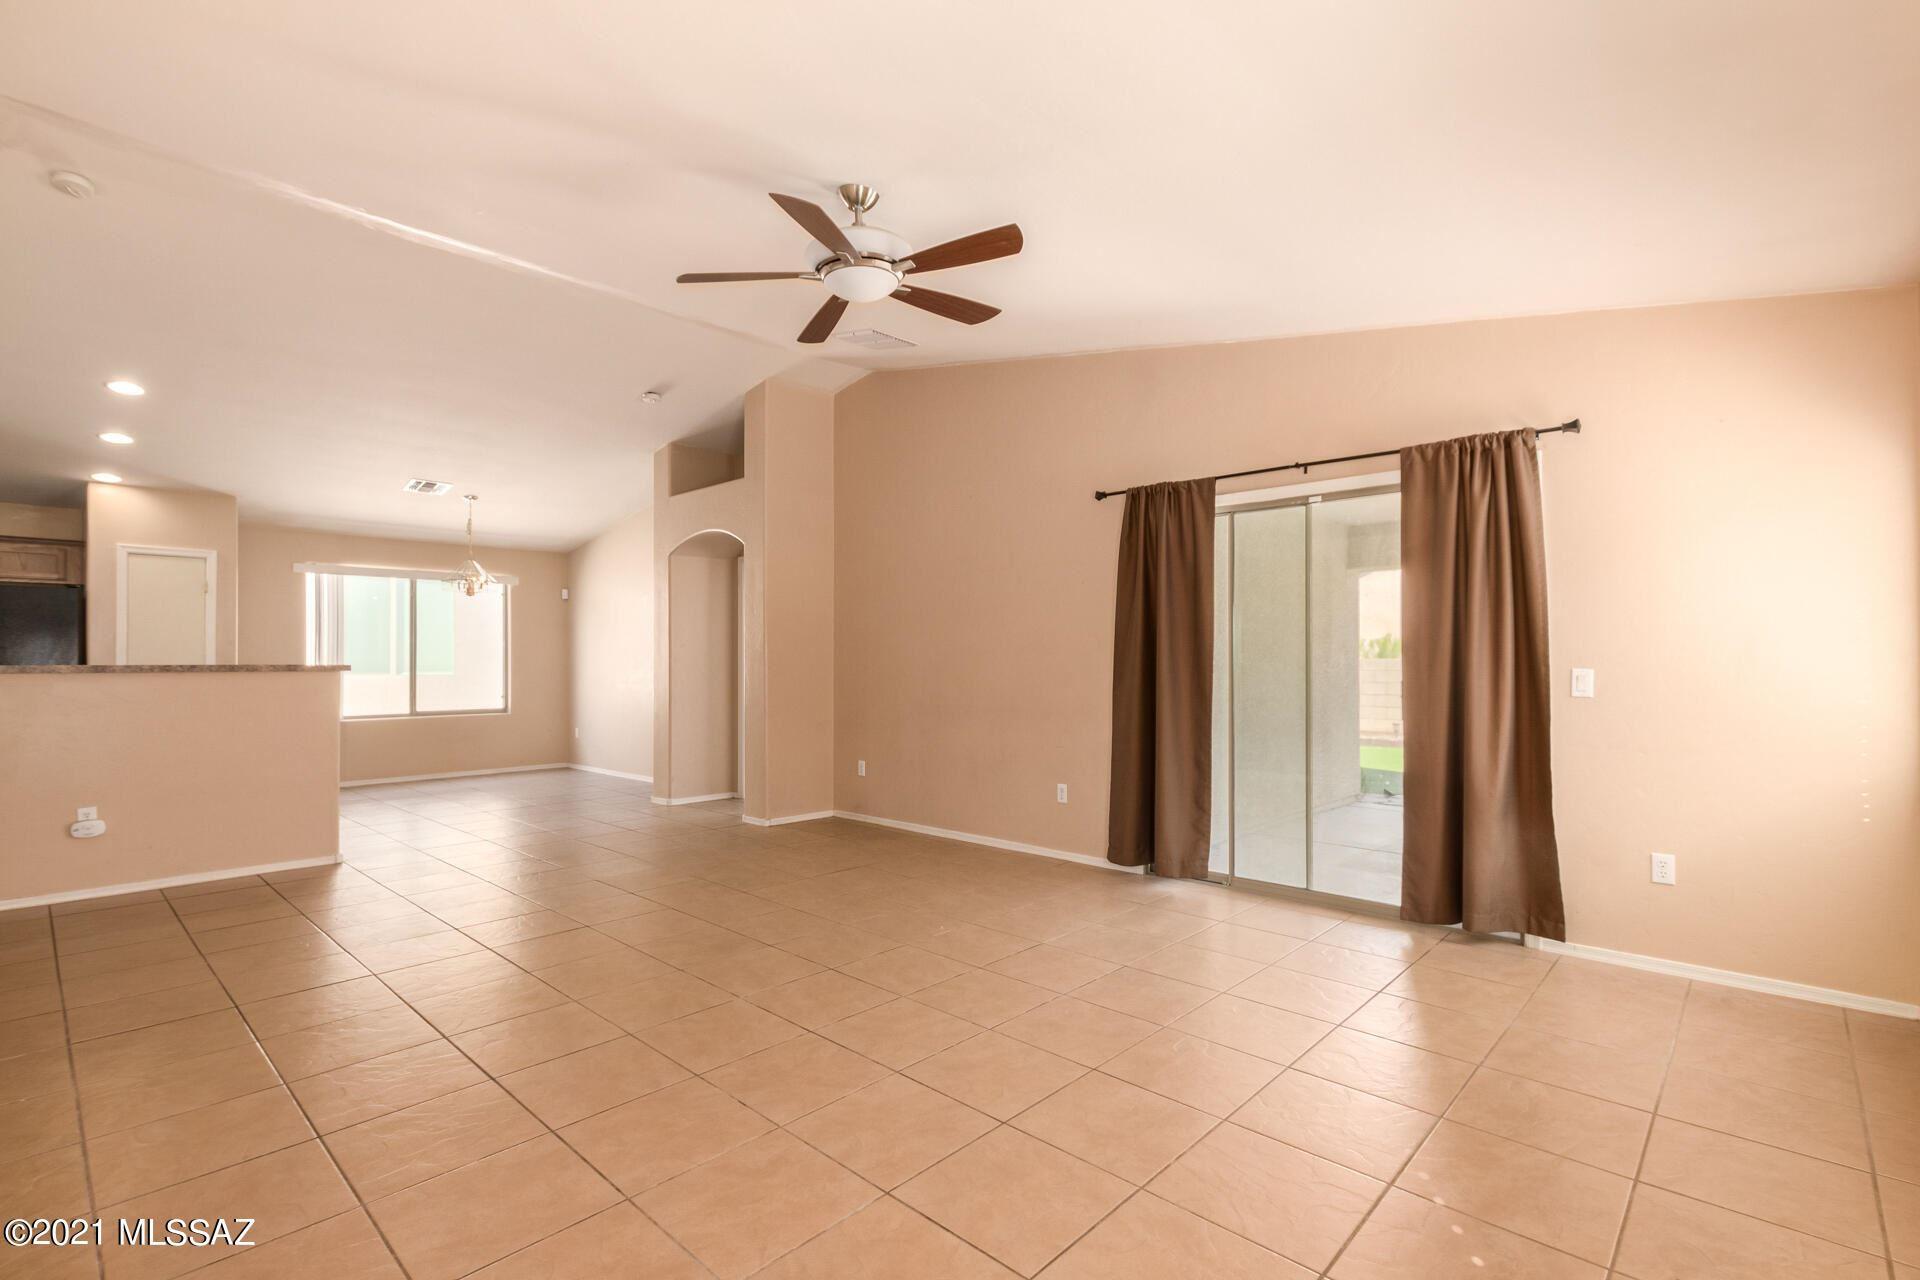 7240 S Millers Tale Drive, Tucson, AZ 85756 - MLS#: 22119350